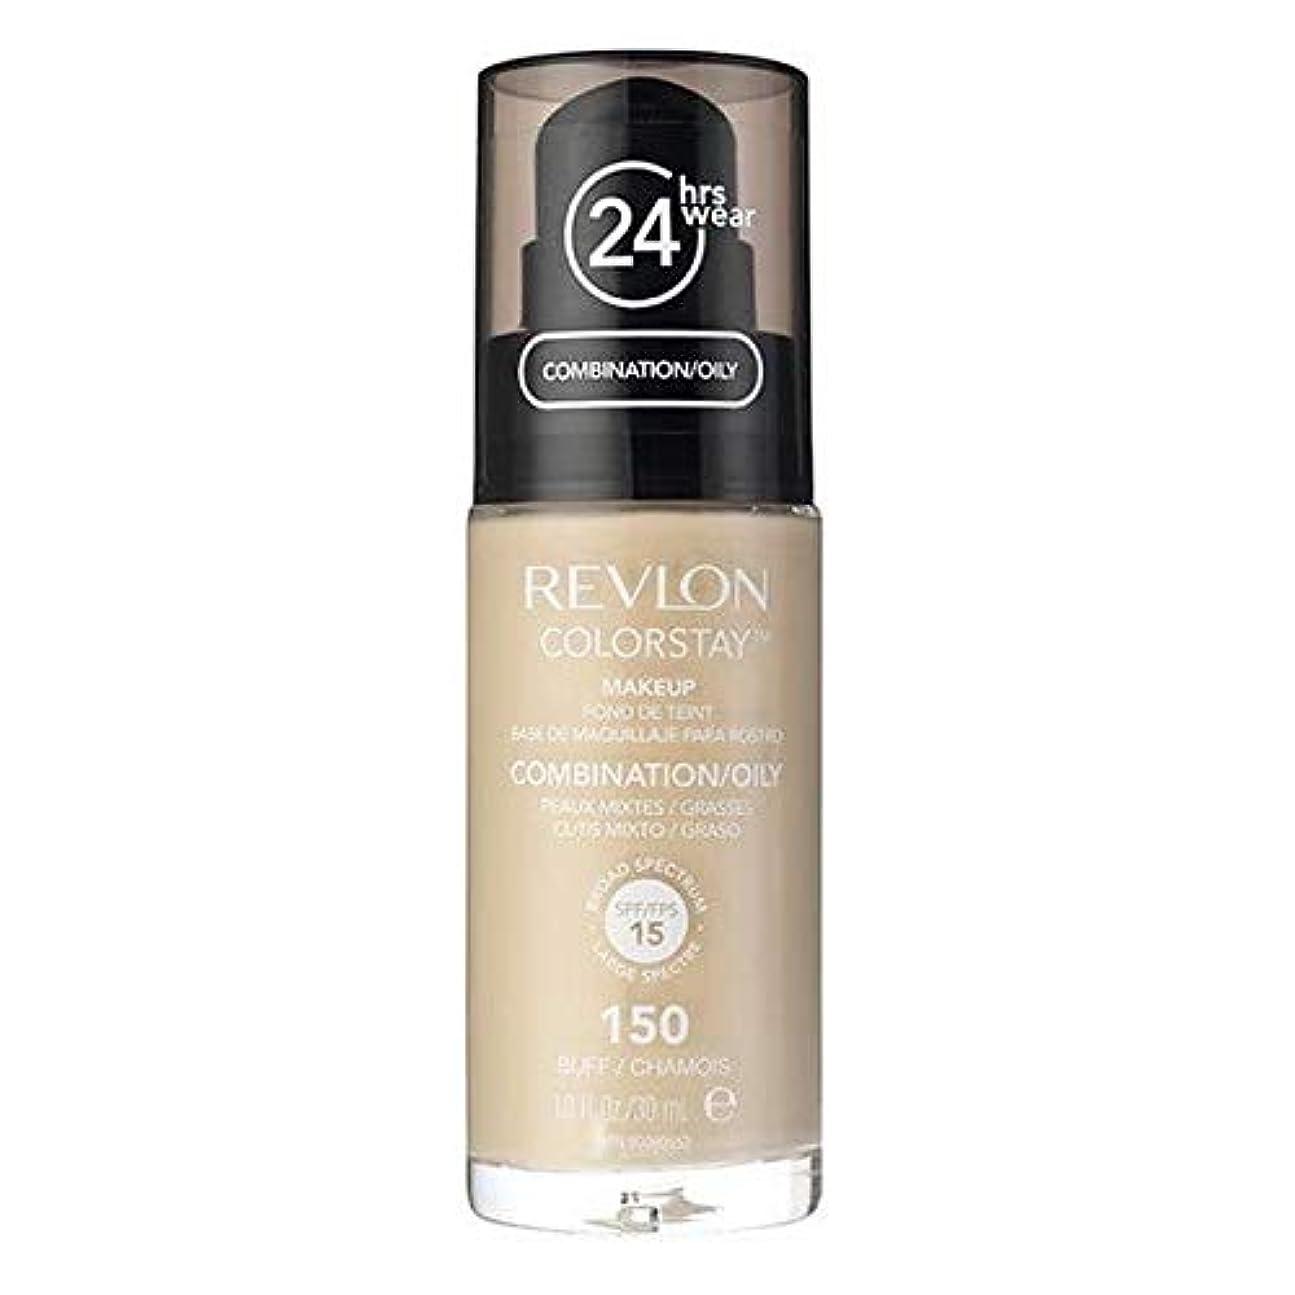 承認するホテルプラス[Revlon ] レブロンカラーステイ基盤コンビ/油性バフ30ミリリットル - Revlon Color Stay Foundation Combi/Oily Buff 30ml [並行輸入品]